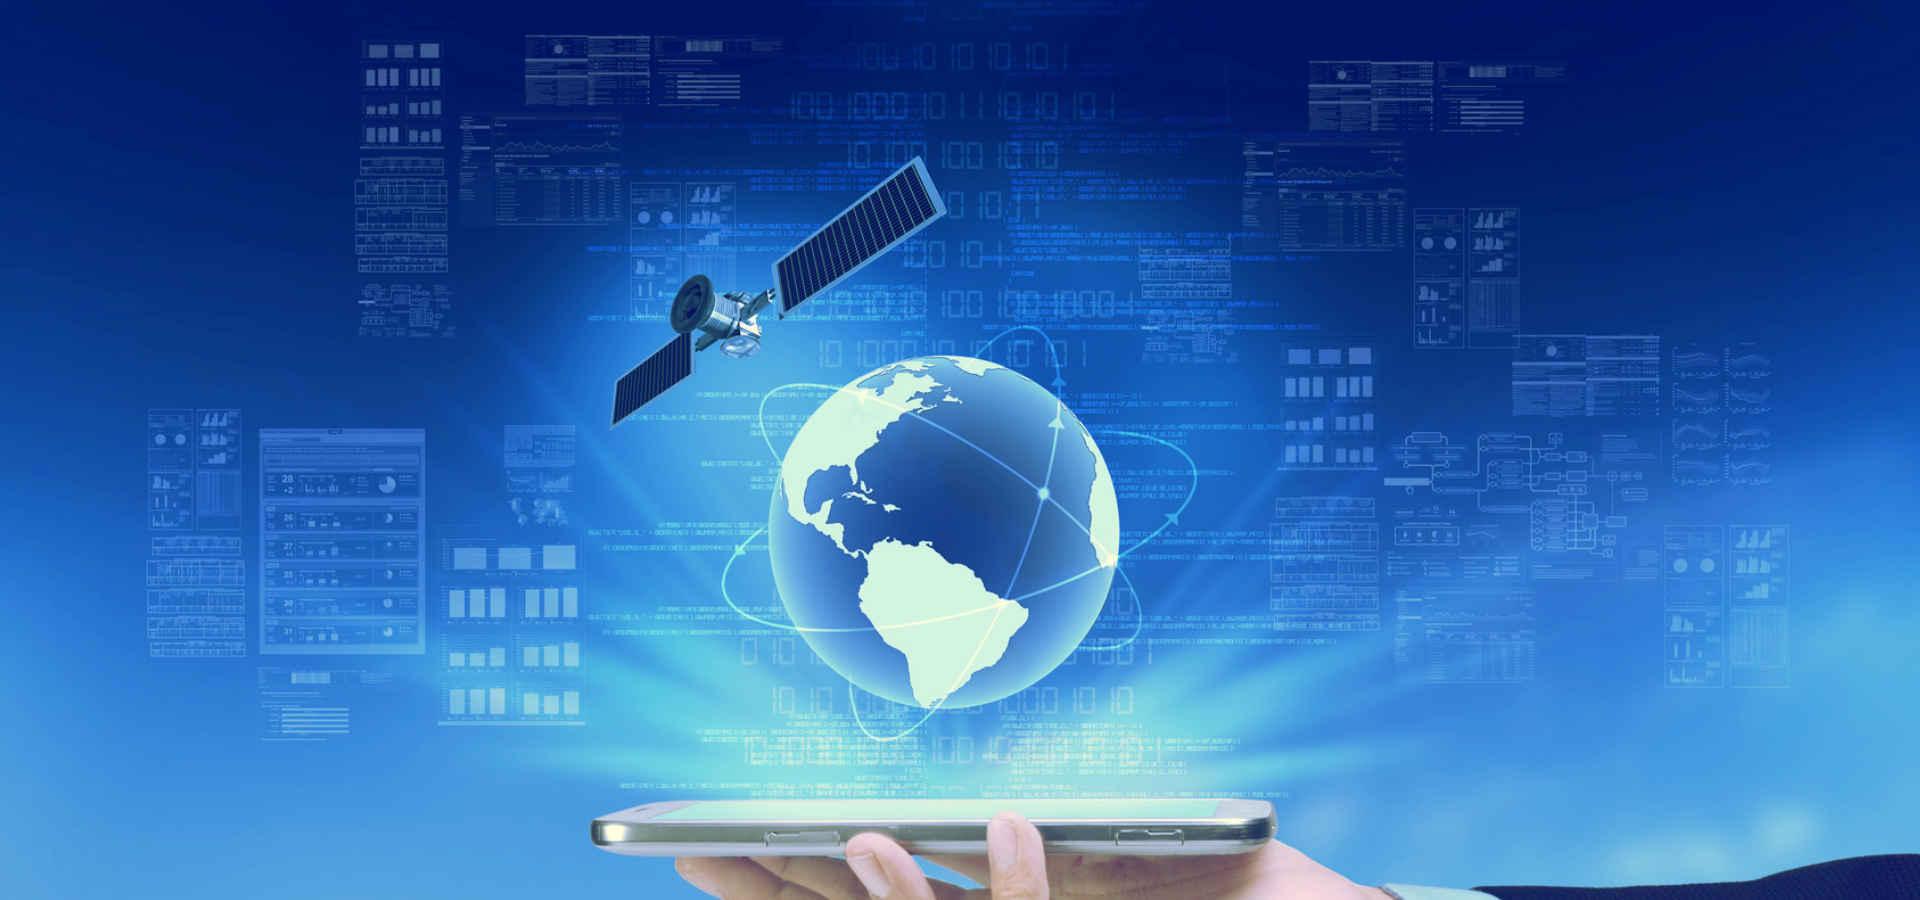 Onlinerechner: Gutachtenersatz oder gefährliches Orakel?